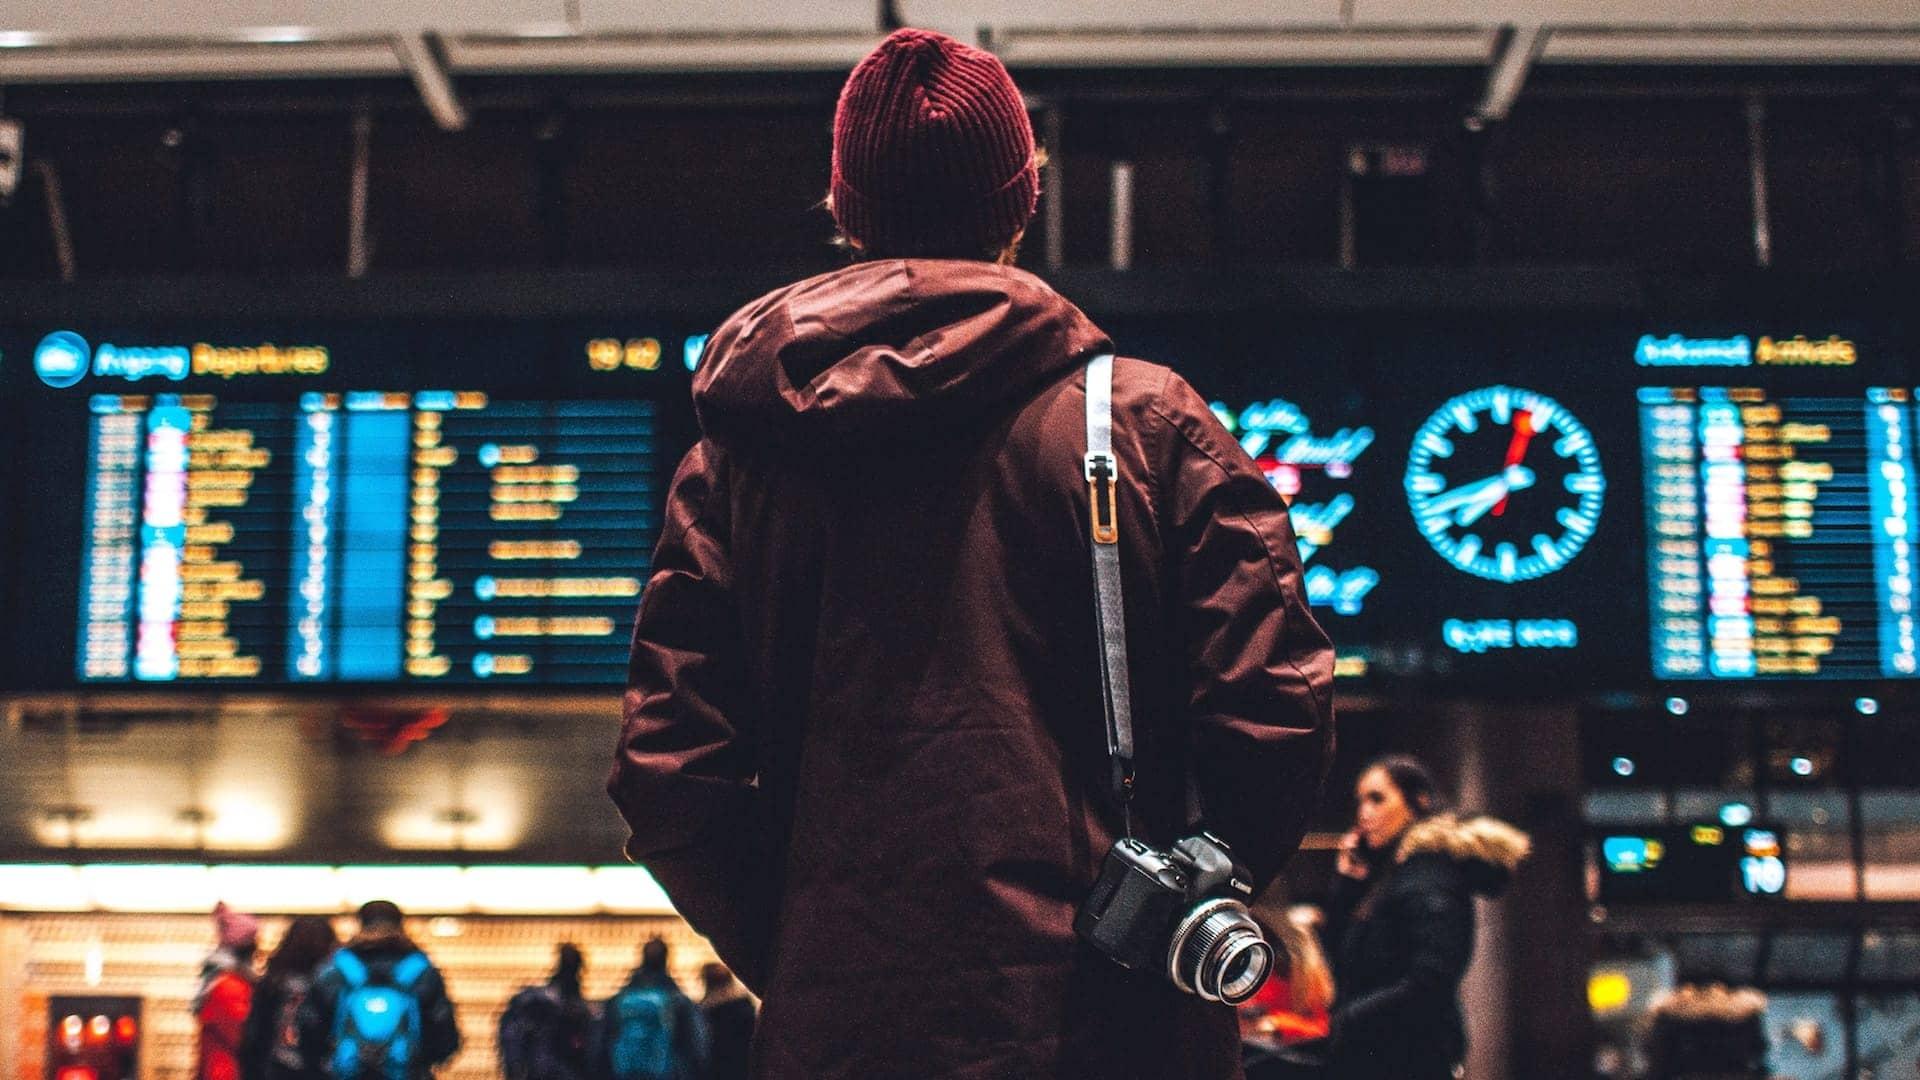 Μα καλά,πώς μπορείς και ταξιδεύεις μόνος σου;